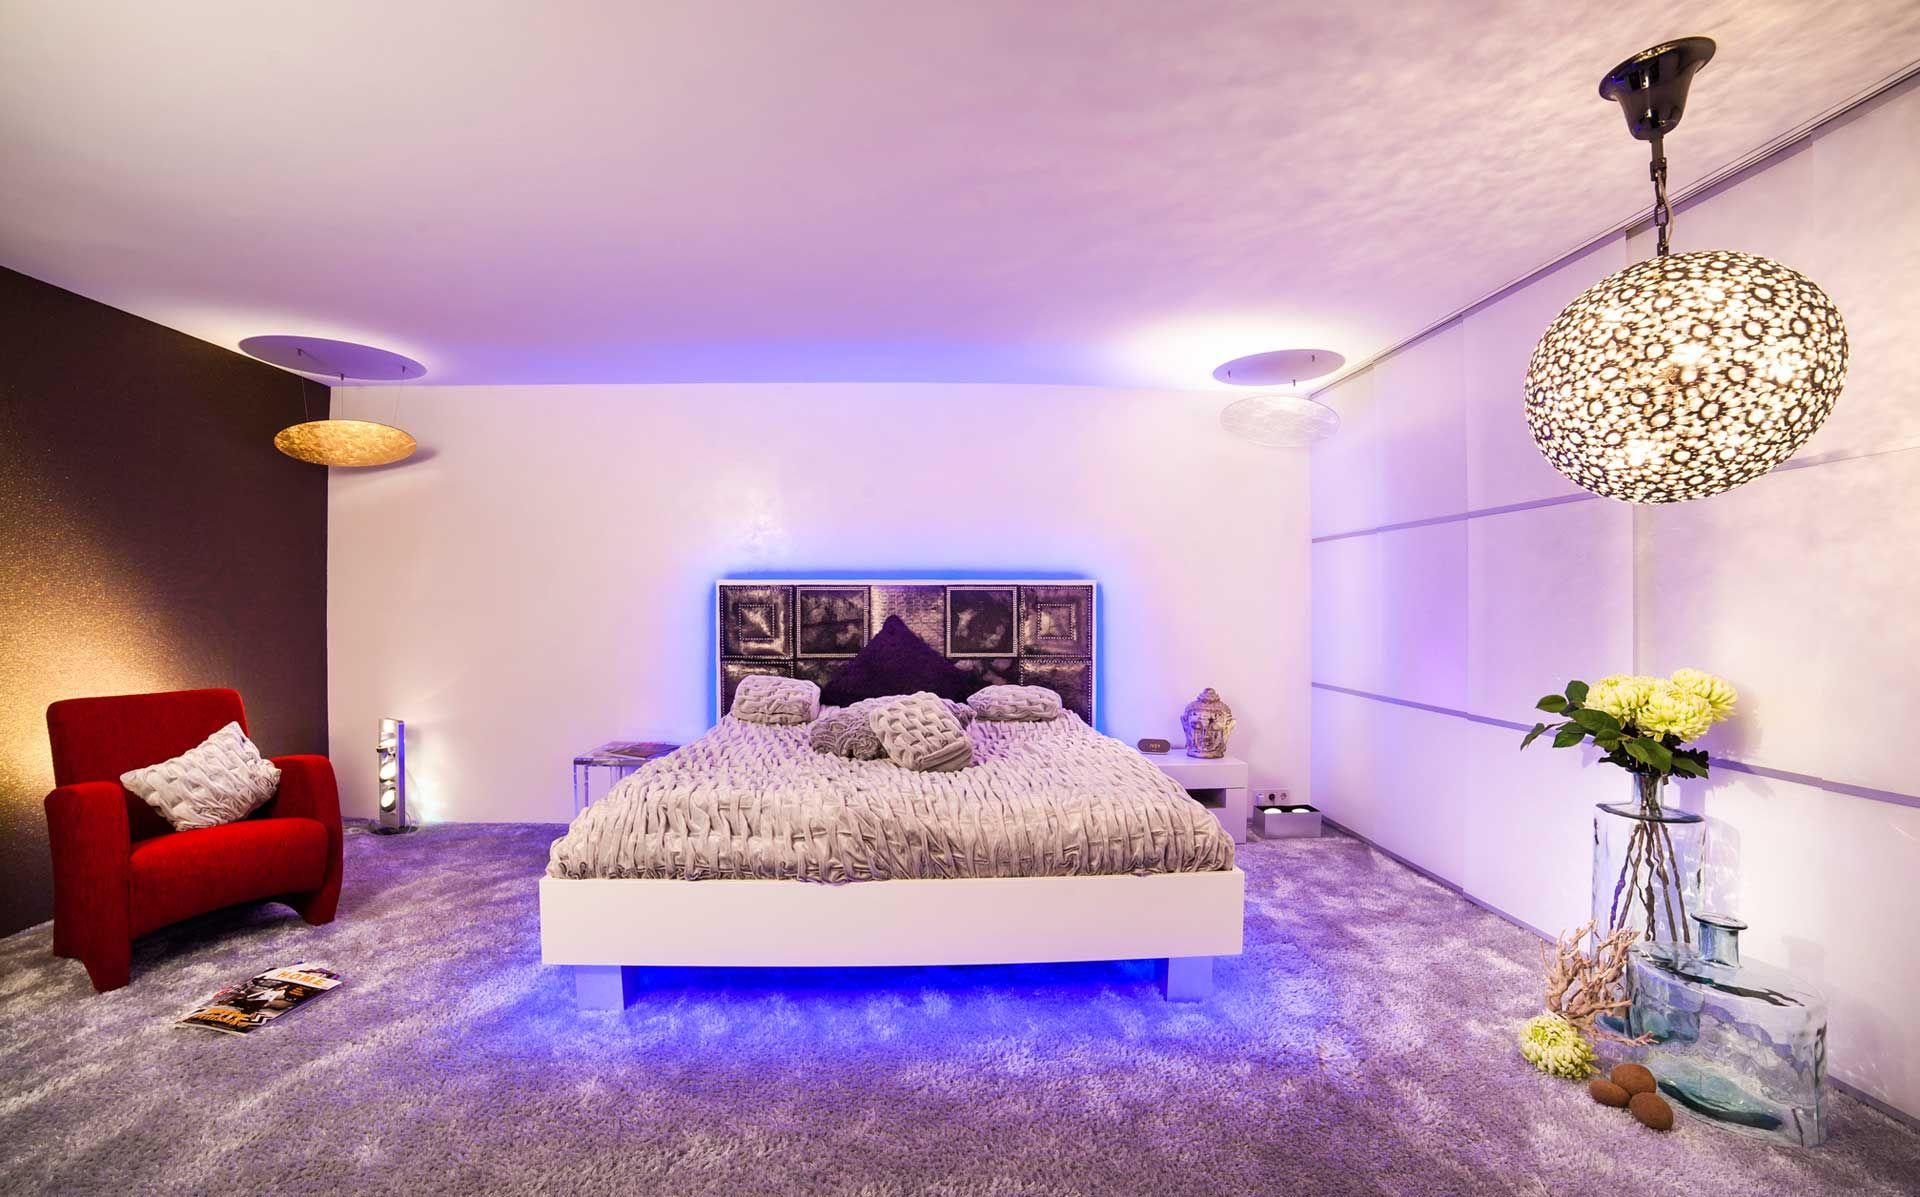 sleep well und wie schaut dein schlafzimmer aus httpdesign bad - Design Bad